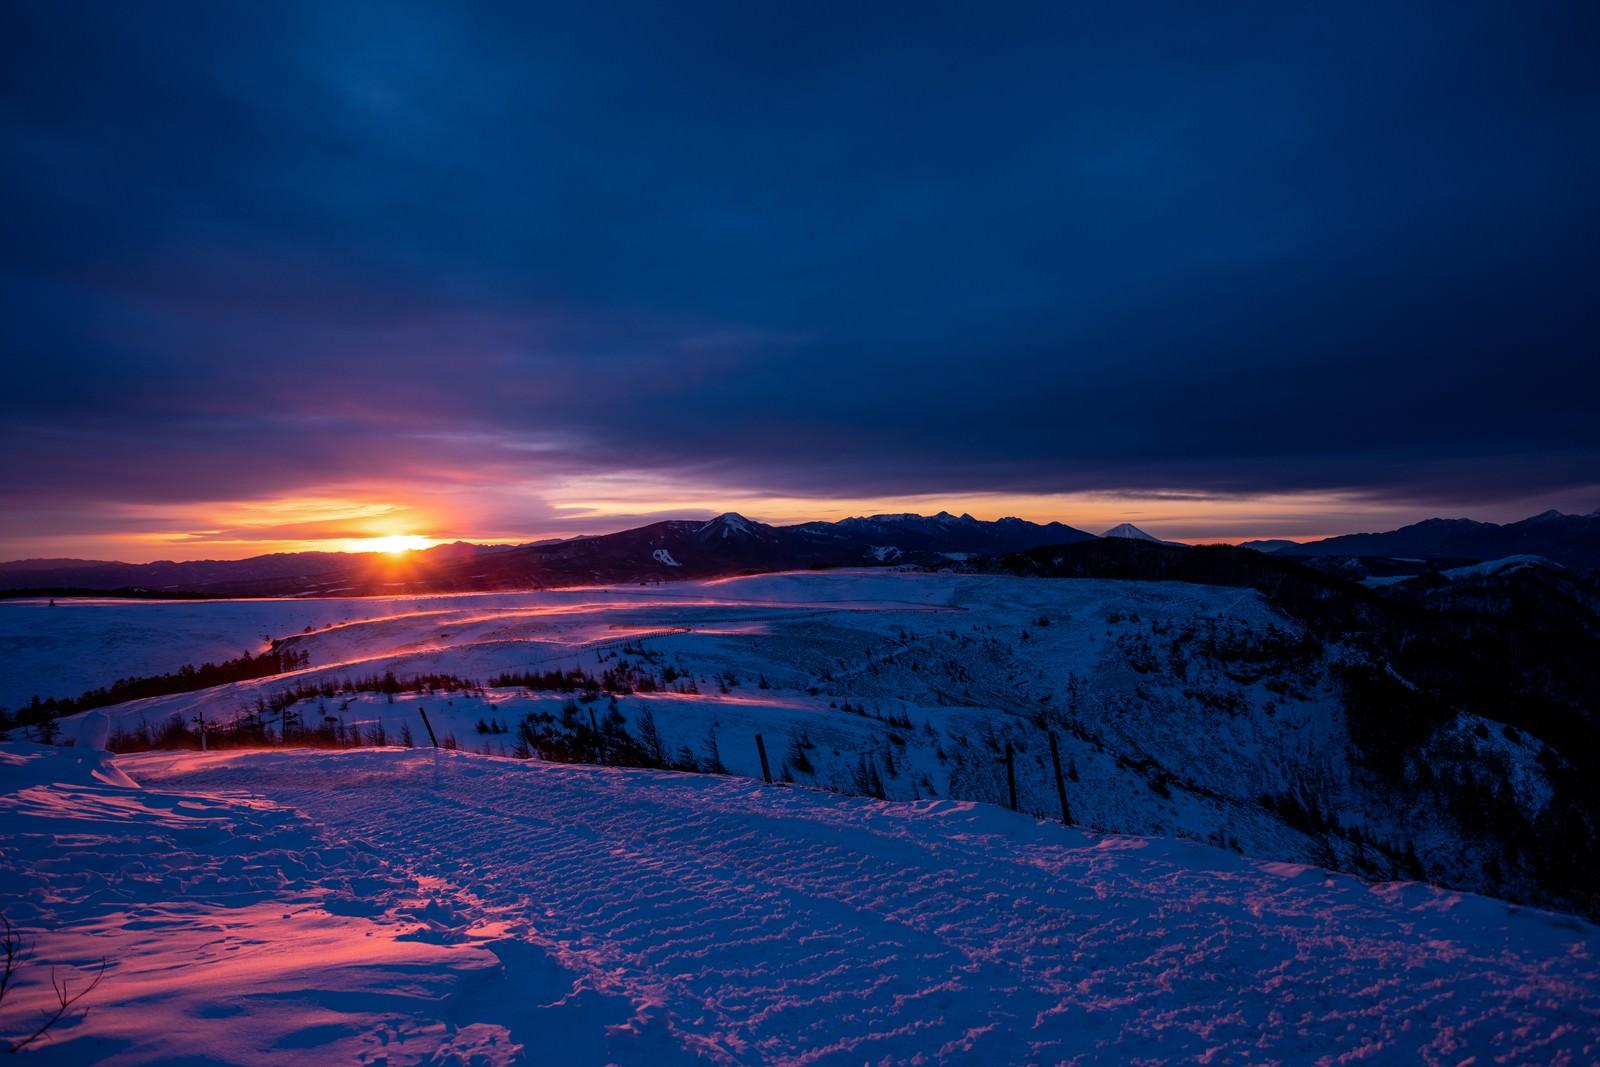 「夕日が照らす大雪原」の写真